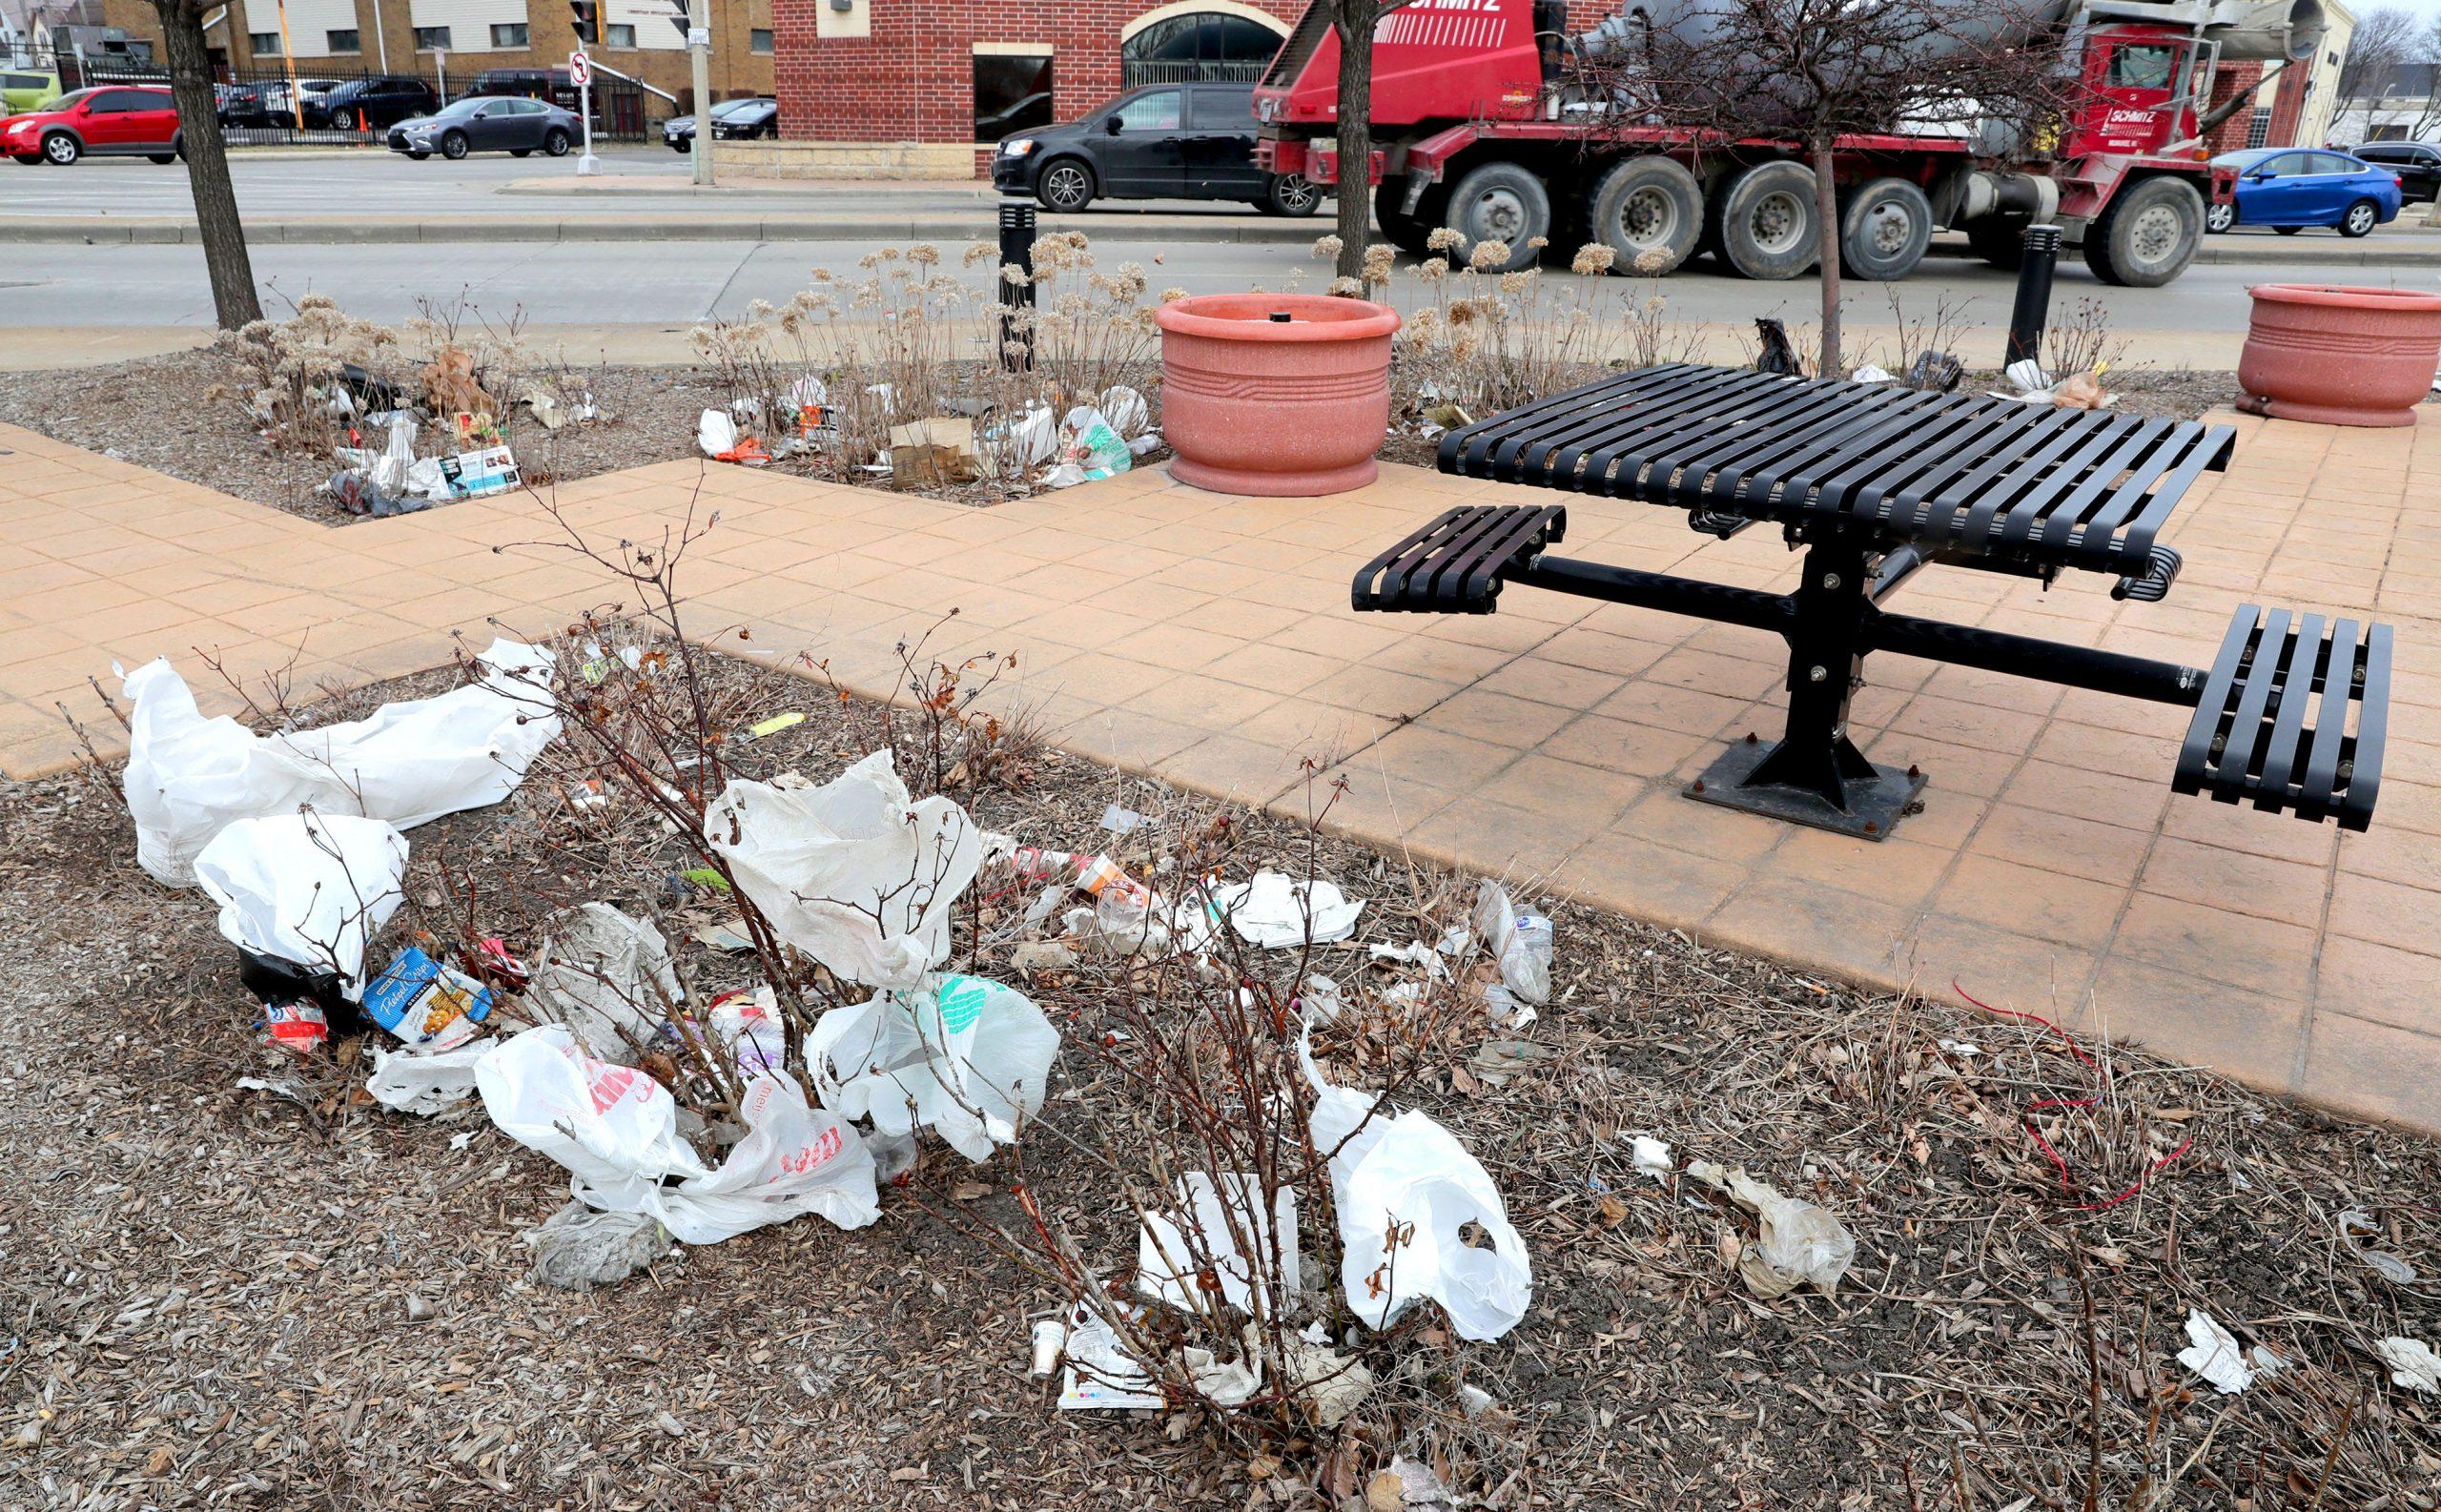 القاء القمامة في الشوارع الامريكية